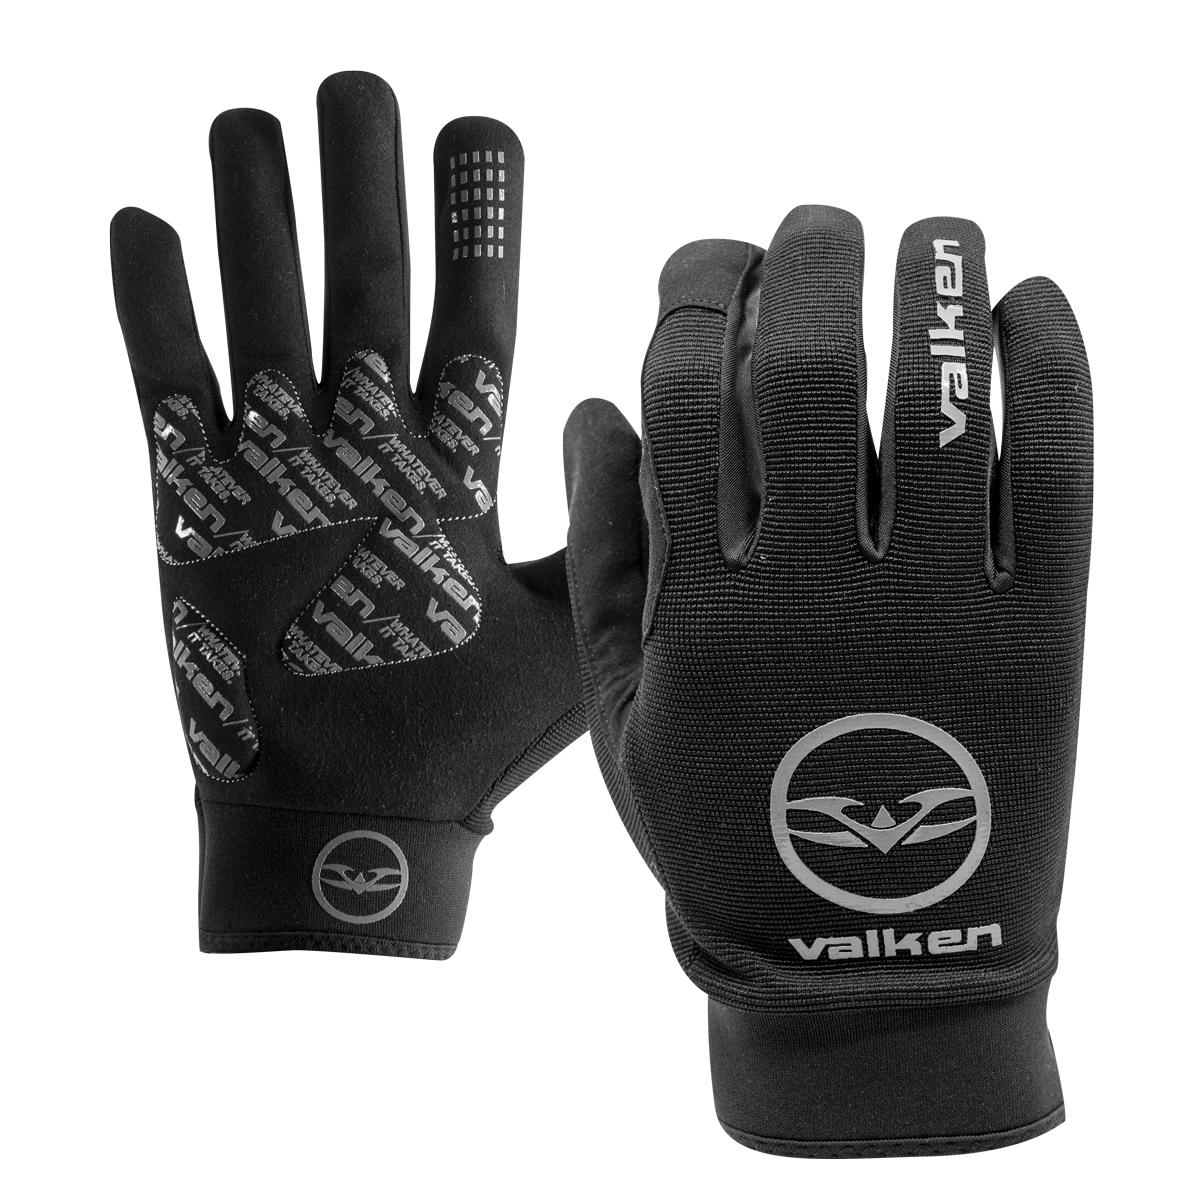 Valken Bravo Full Finger Gloves Black product image